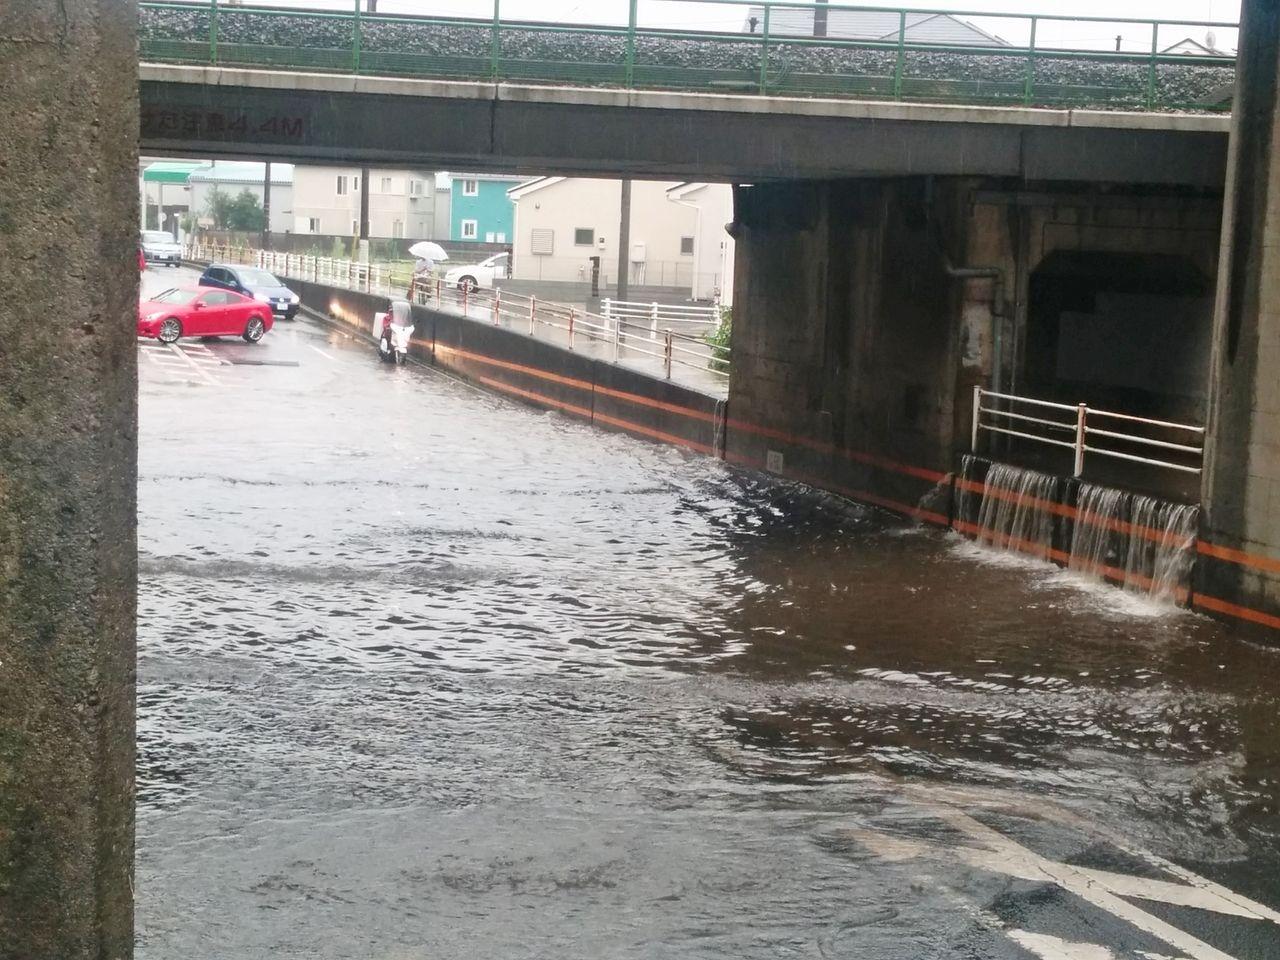 雨水が流れ込む道路